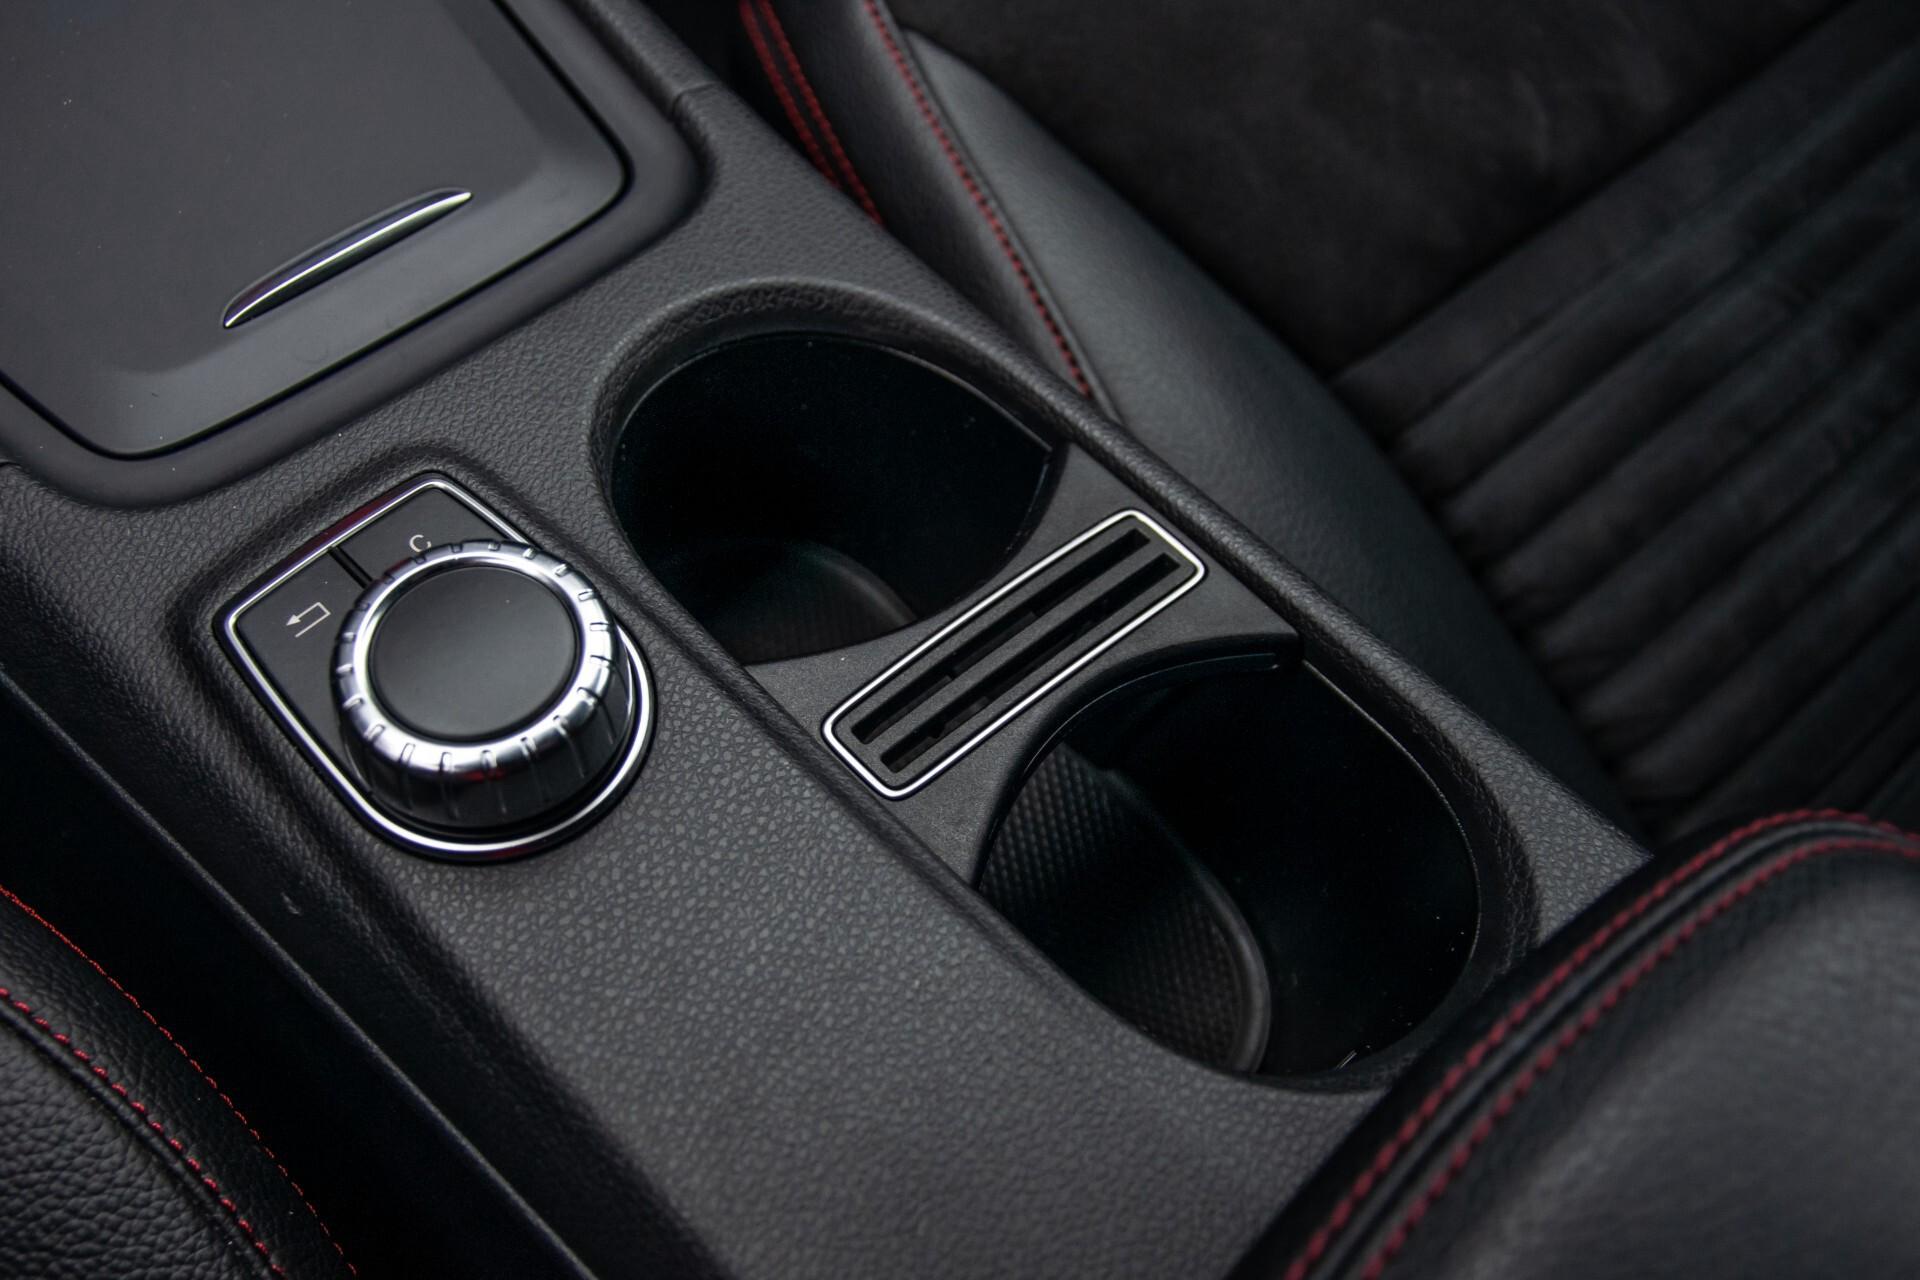 Mercedes-Benz A-Klasse 180 AMG Dynamic Handling/Camera/Xenon/Navi/Privacy Aut7 Foto 29